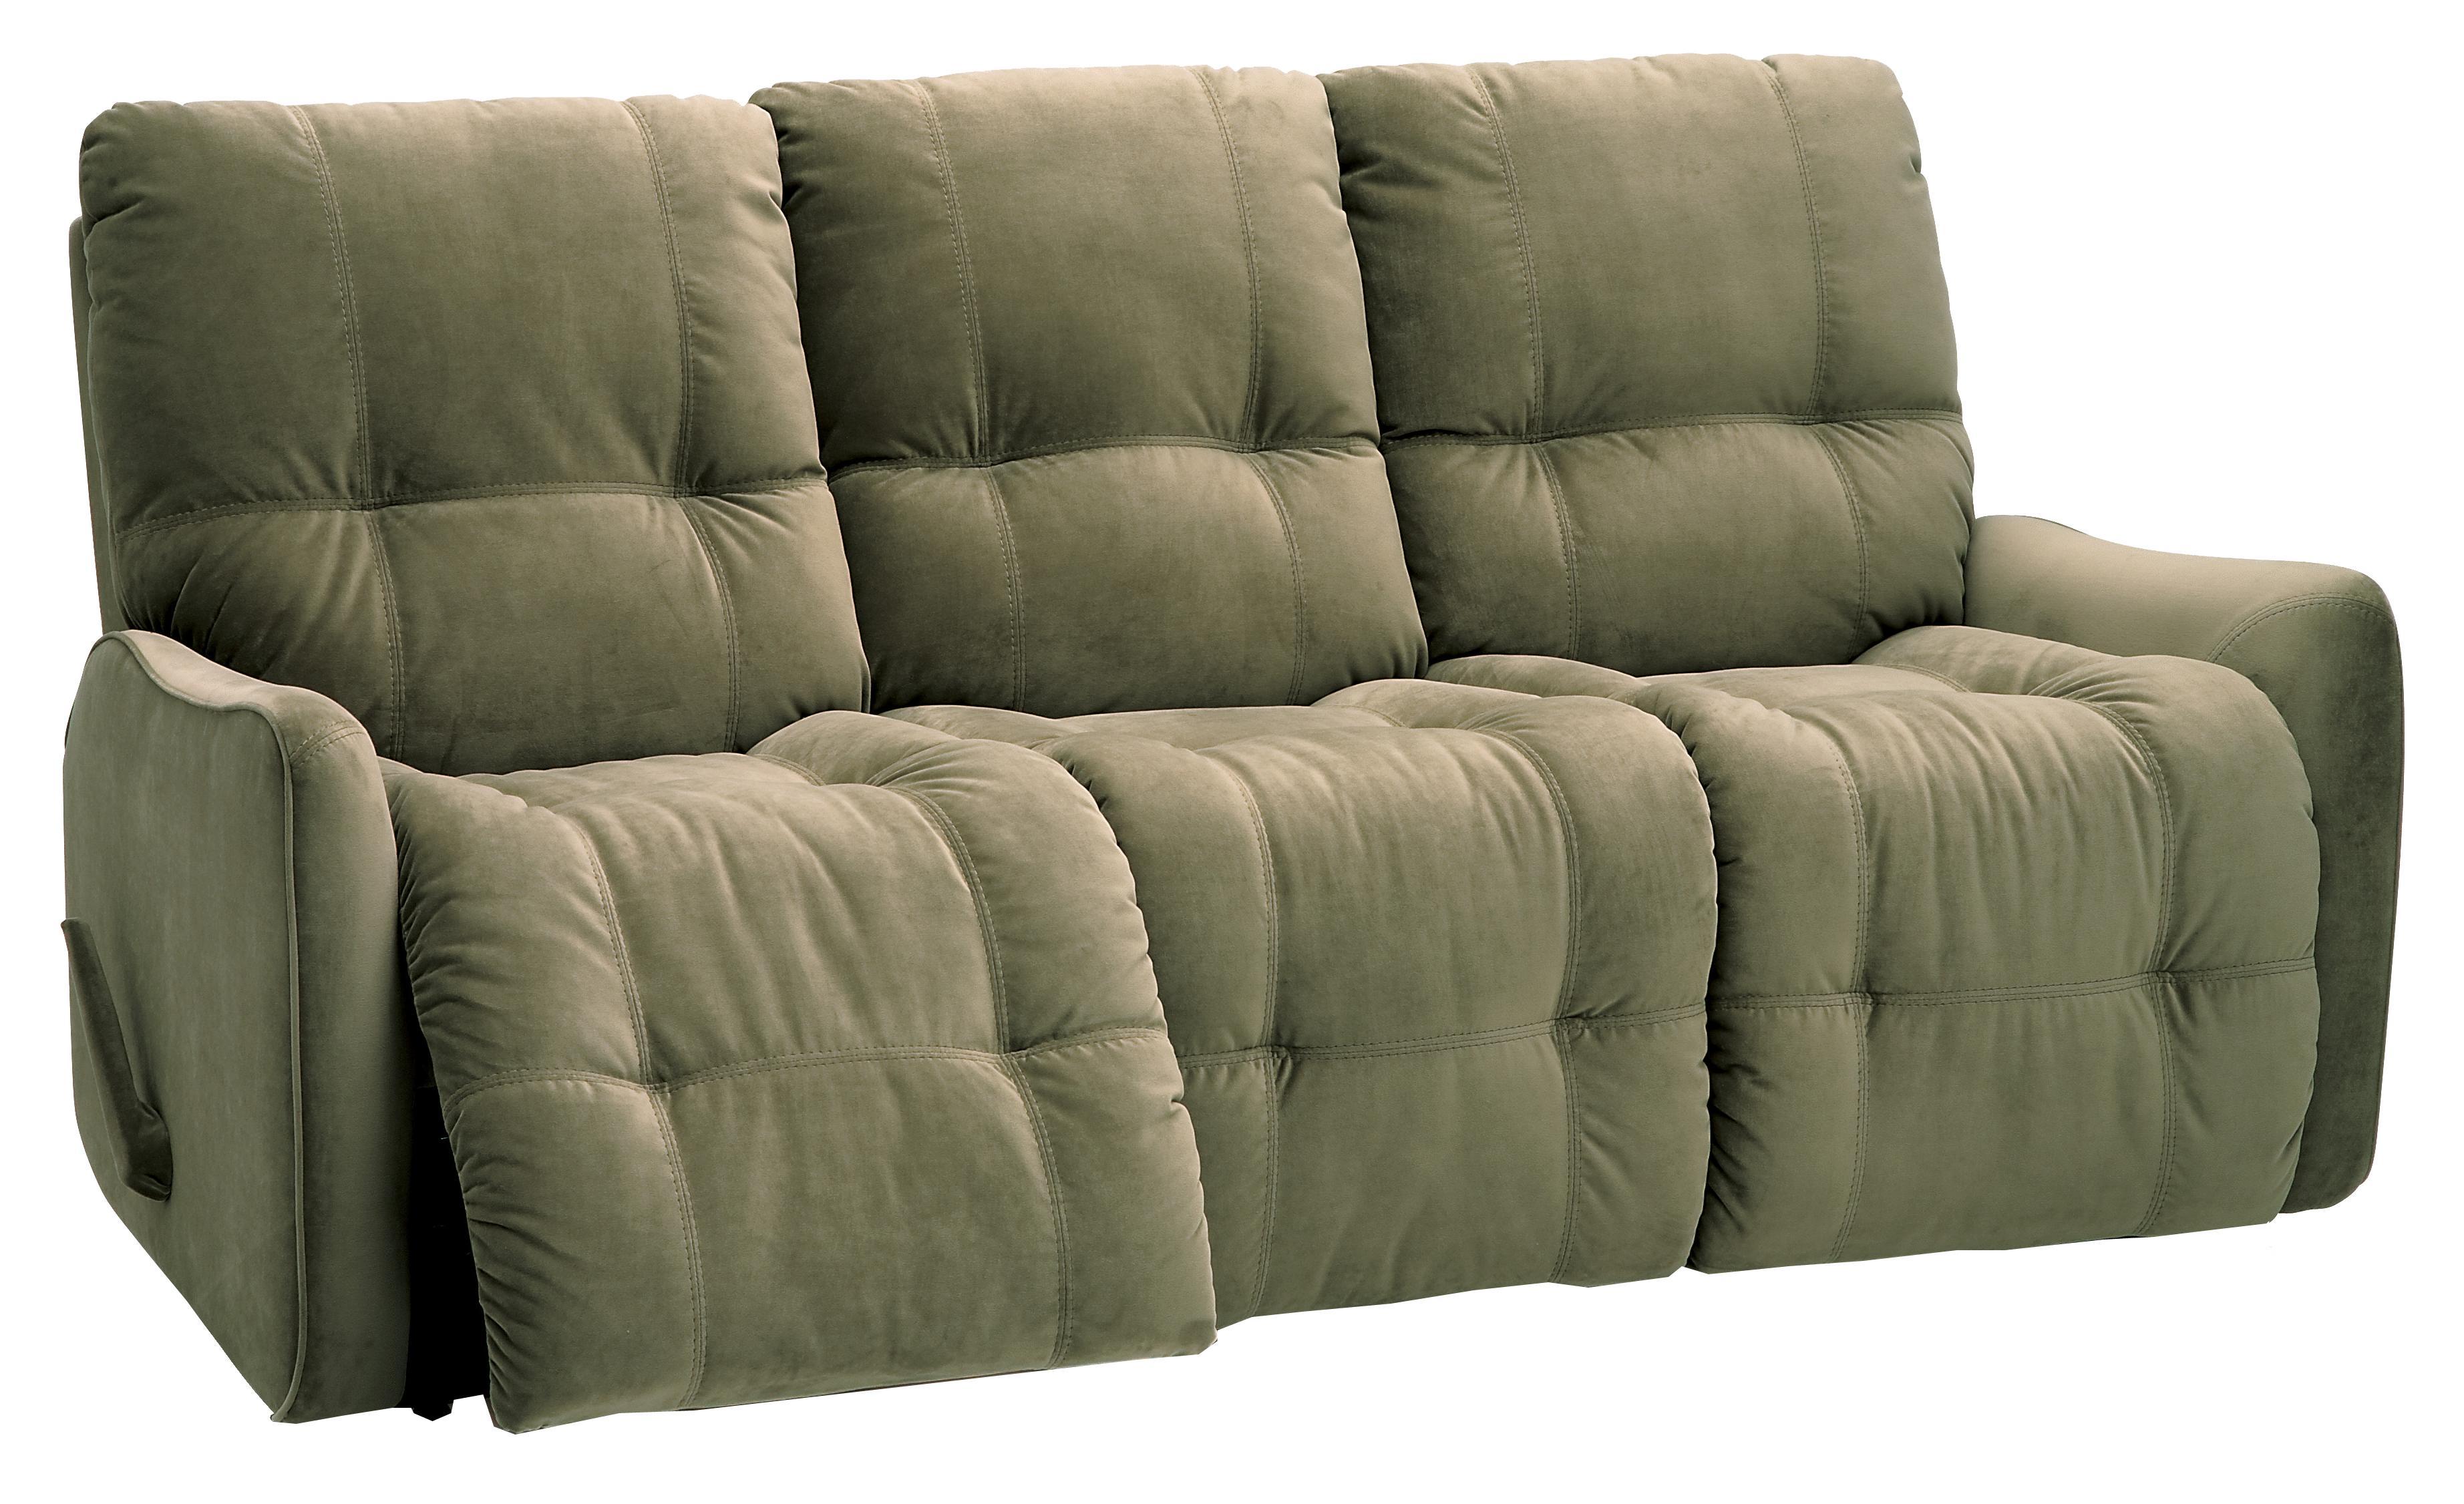 Palliser Bounty Power Sofa Recliner - Item Number: 46099-61